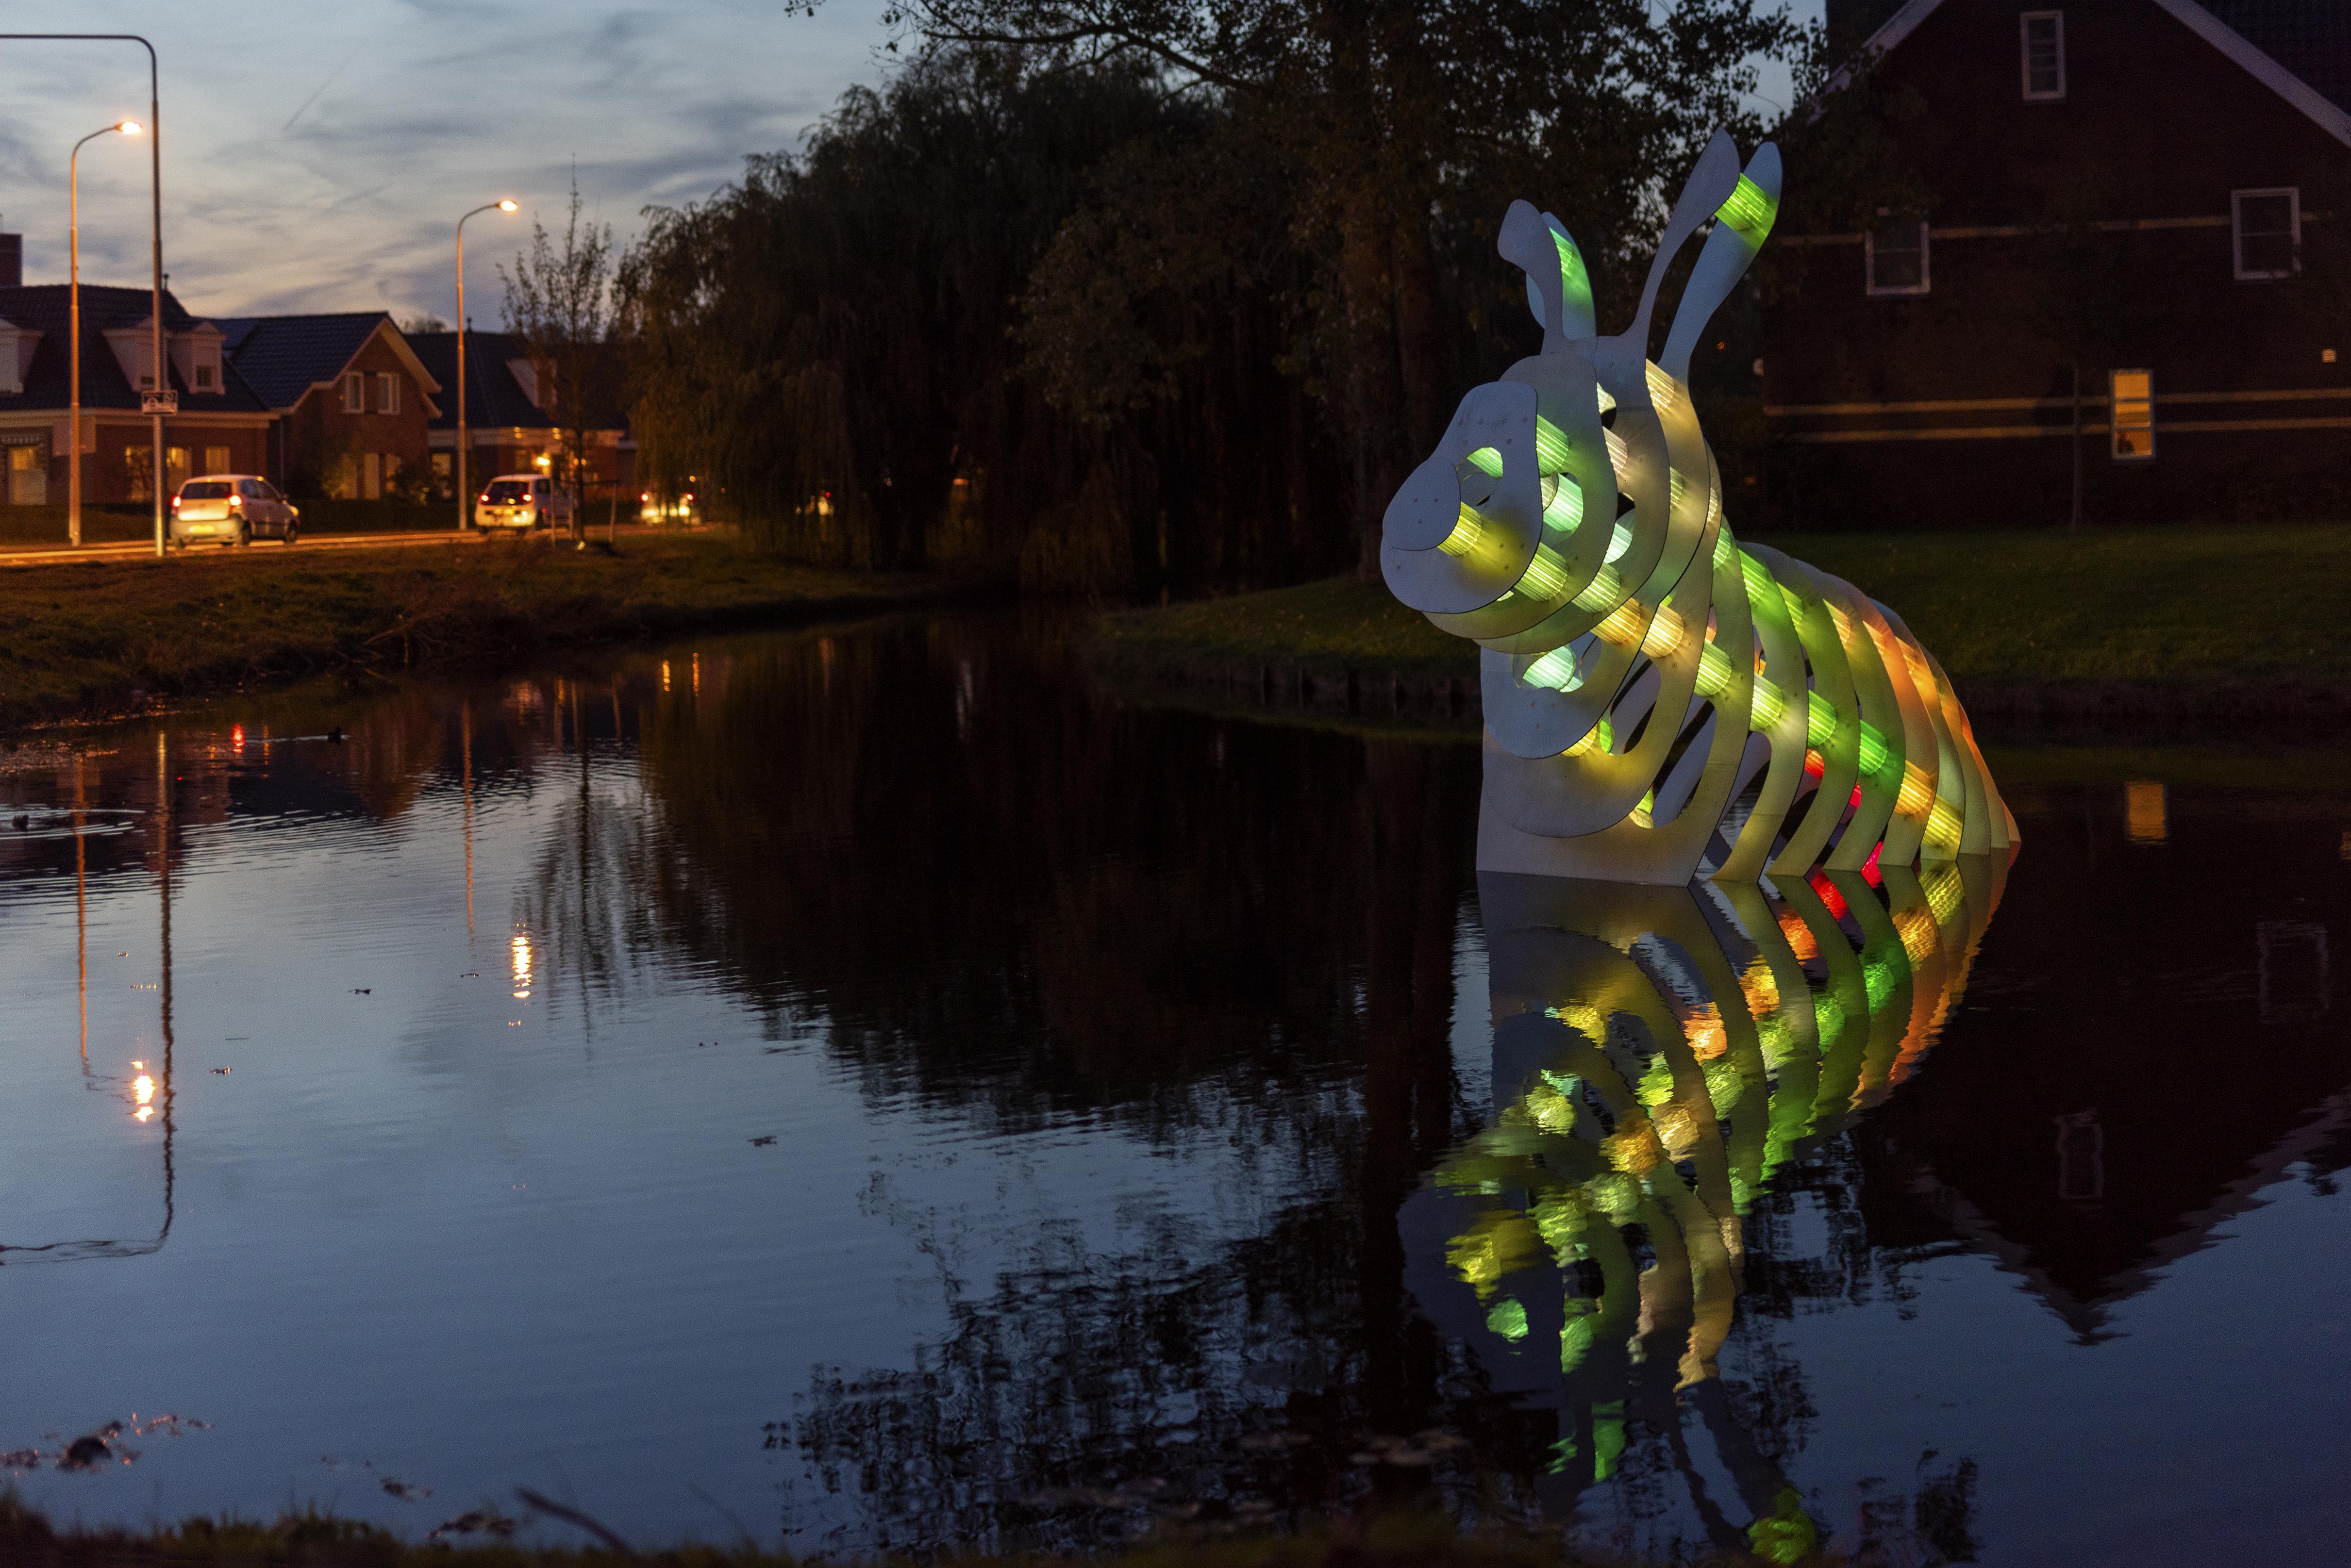 'Dat was best leuk geweest! Is een regenboogkonijn een mooi alternatief voor het regenboogzebrapad, Aad Schoorl?'